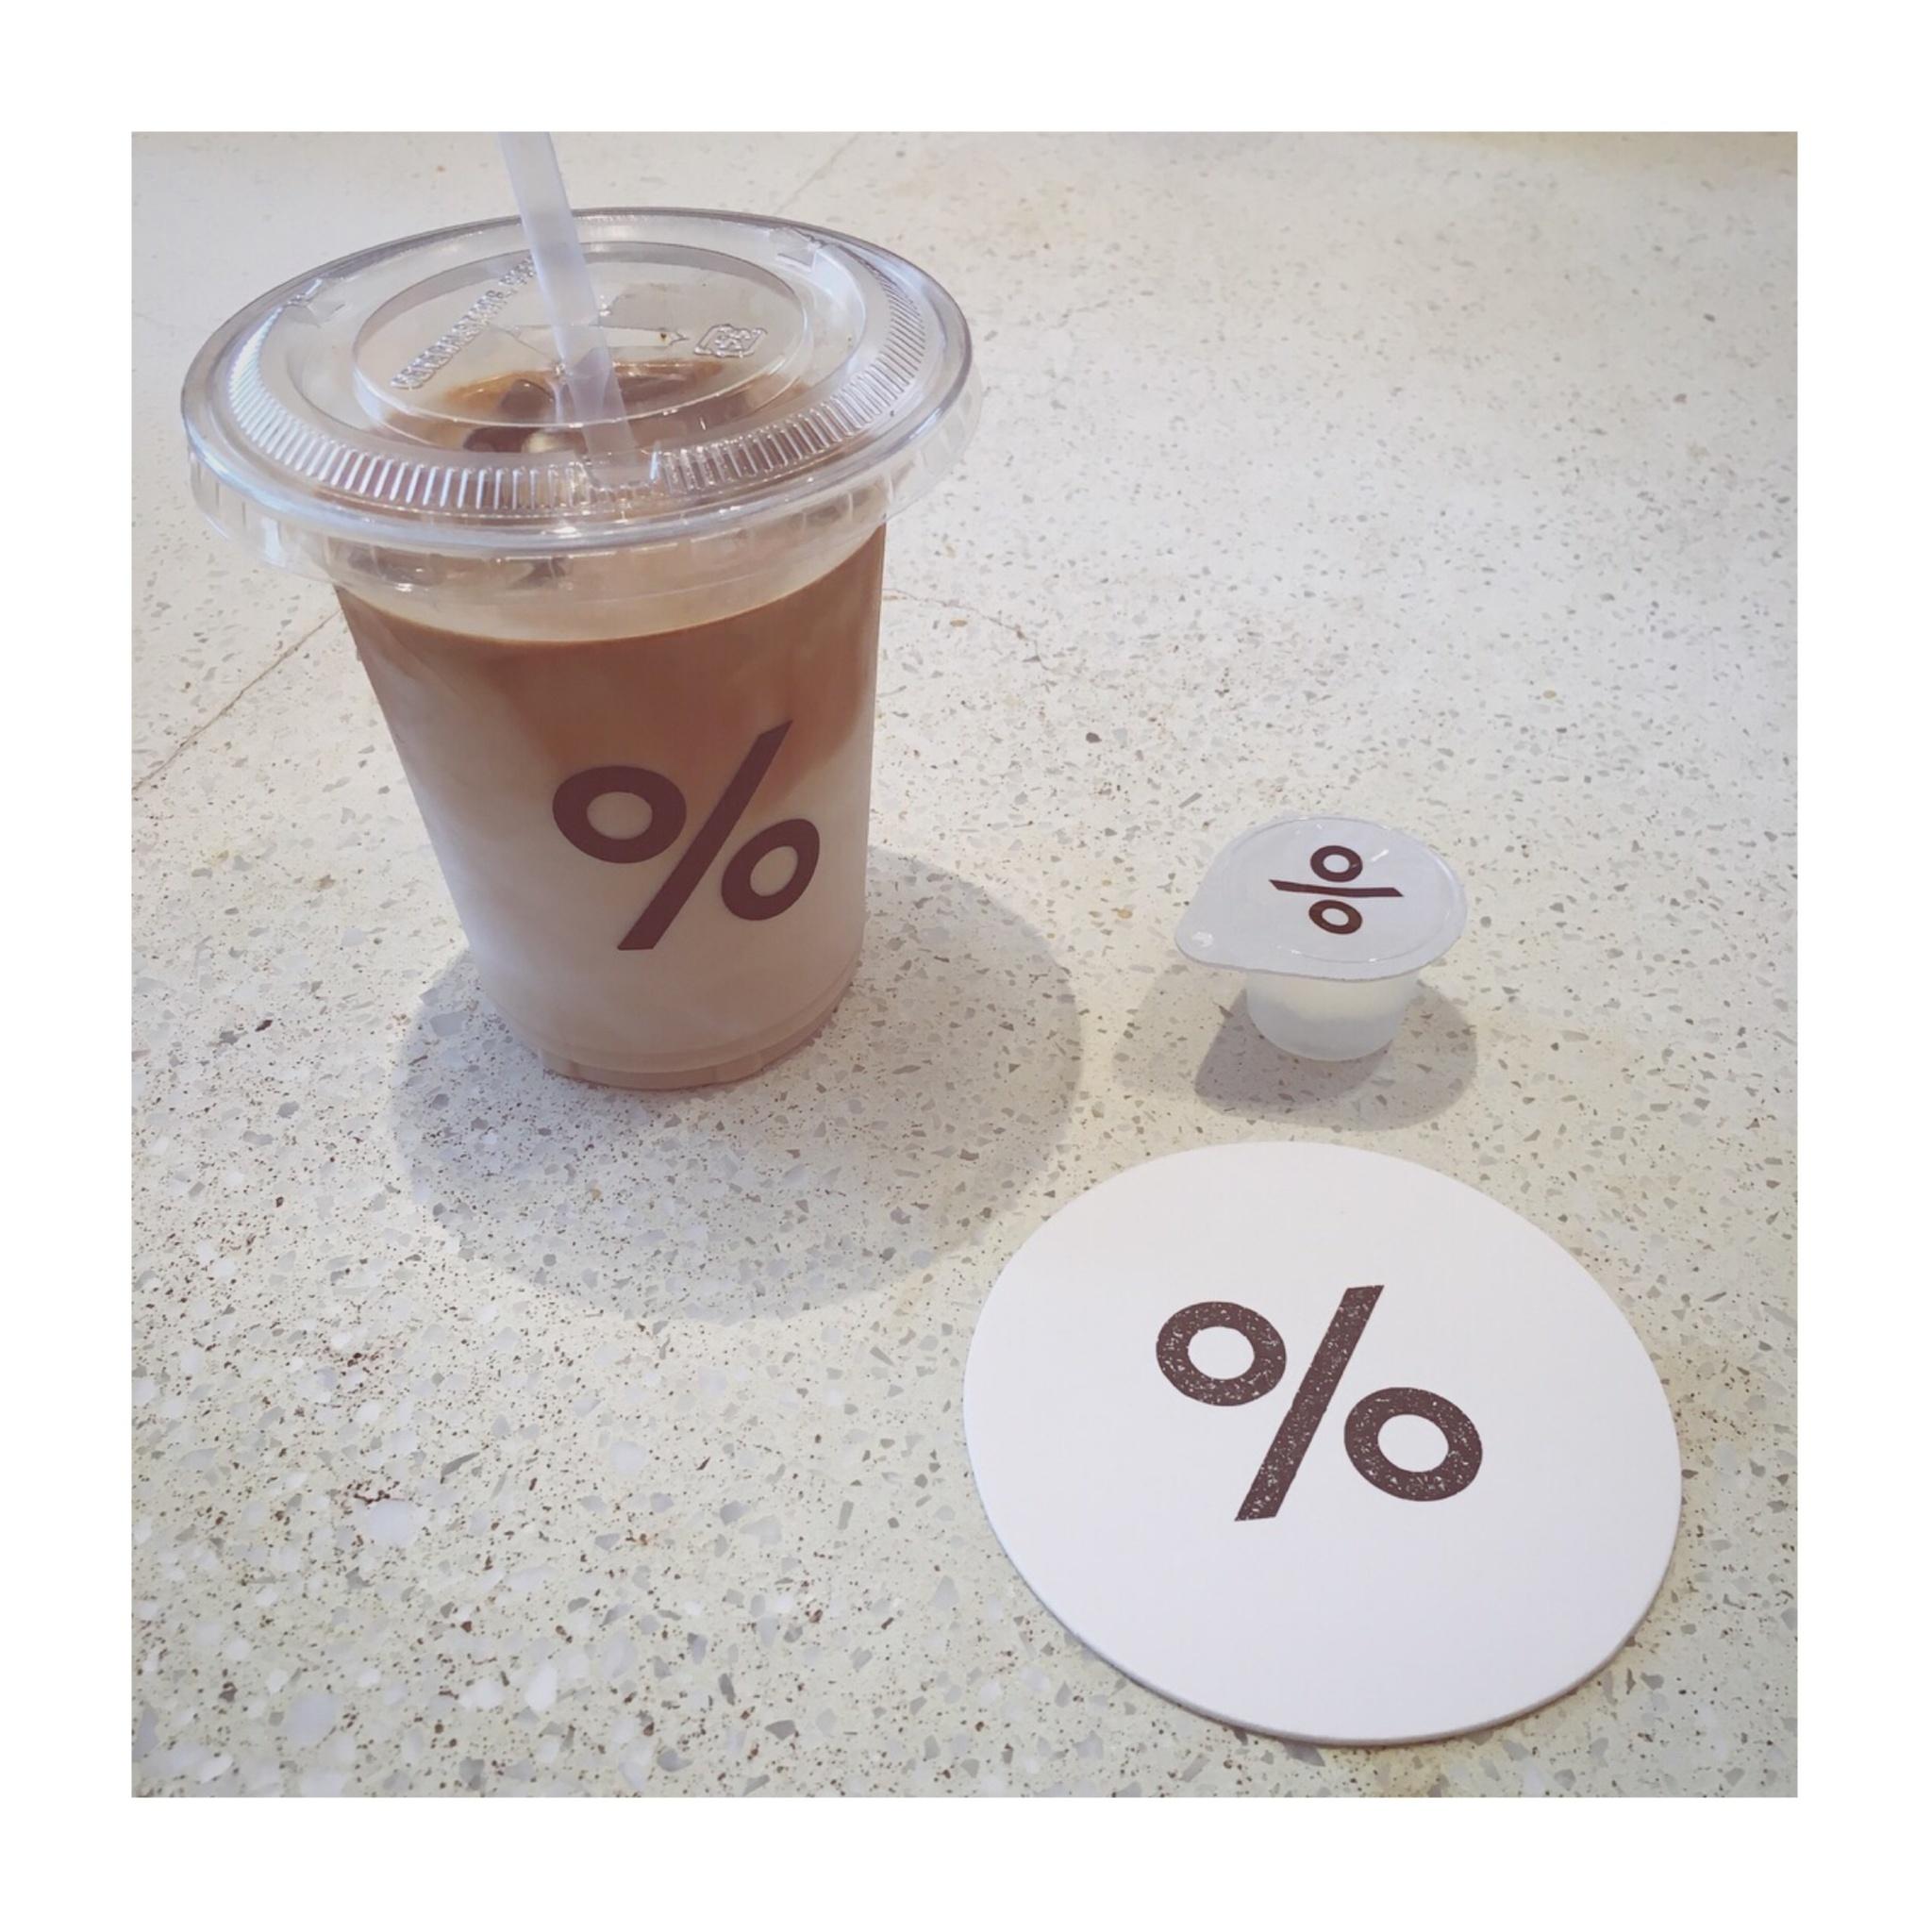 #10【#cafestagram】❤️:《京都》に行ったら寄りたい!おしゃれなカフェ「アラビカ 京都」でこだわりのコーヒーを☻_4